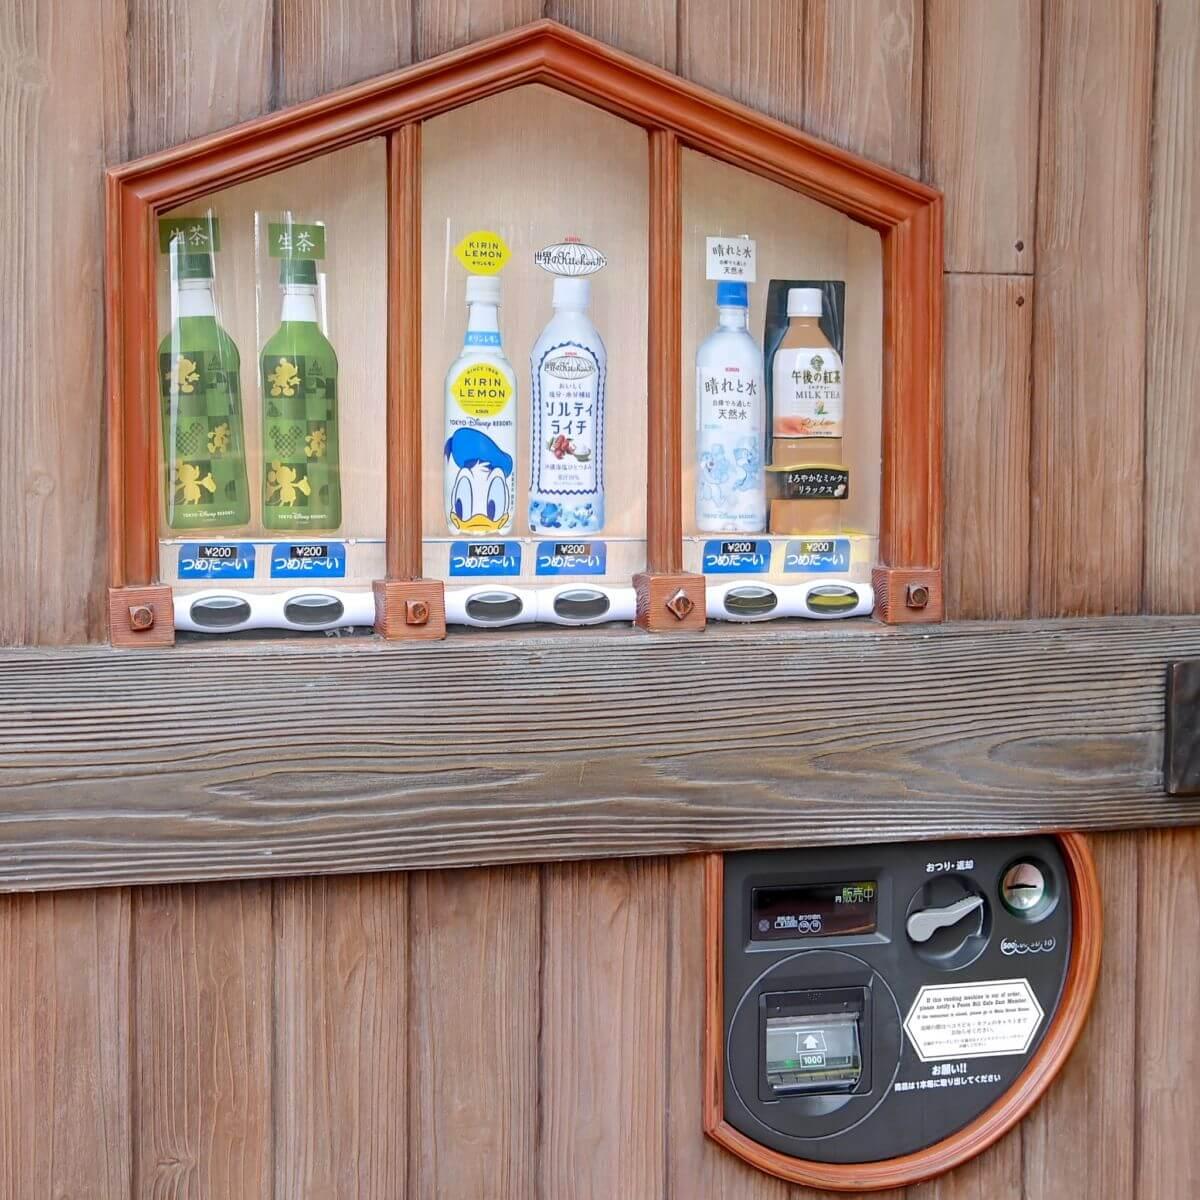 ウエスタンランド自動販売機 ペットボトル種類